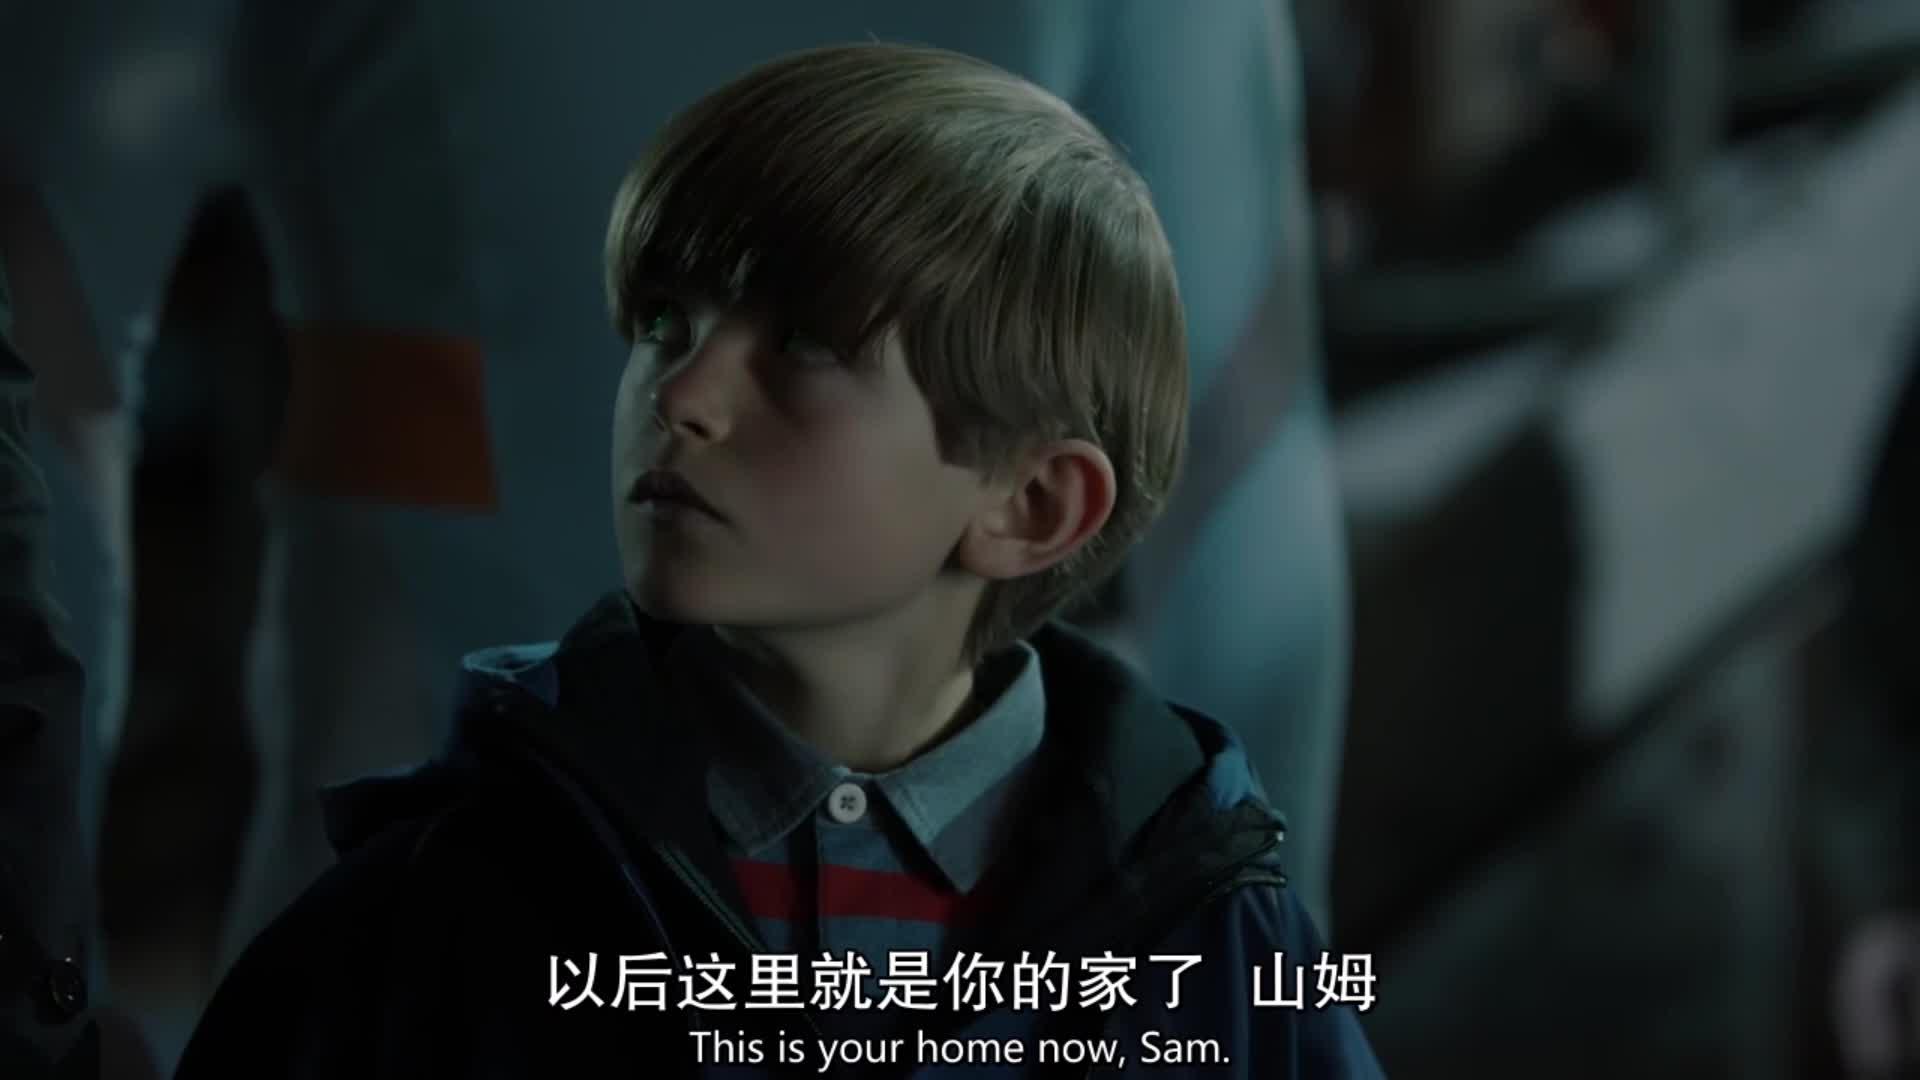 和人类相处感到困难,小男孩有了新家,他能开始新生活吗?